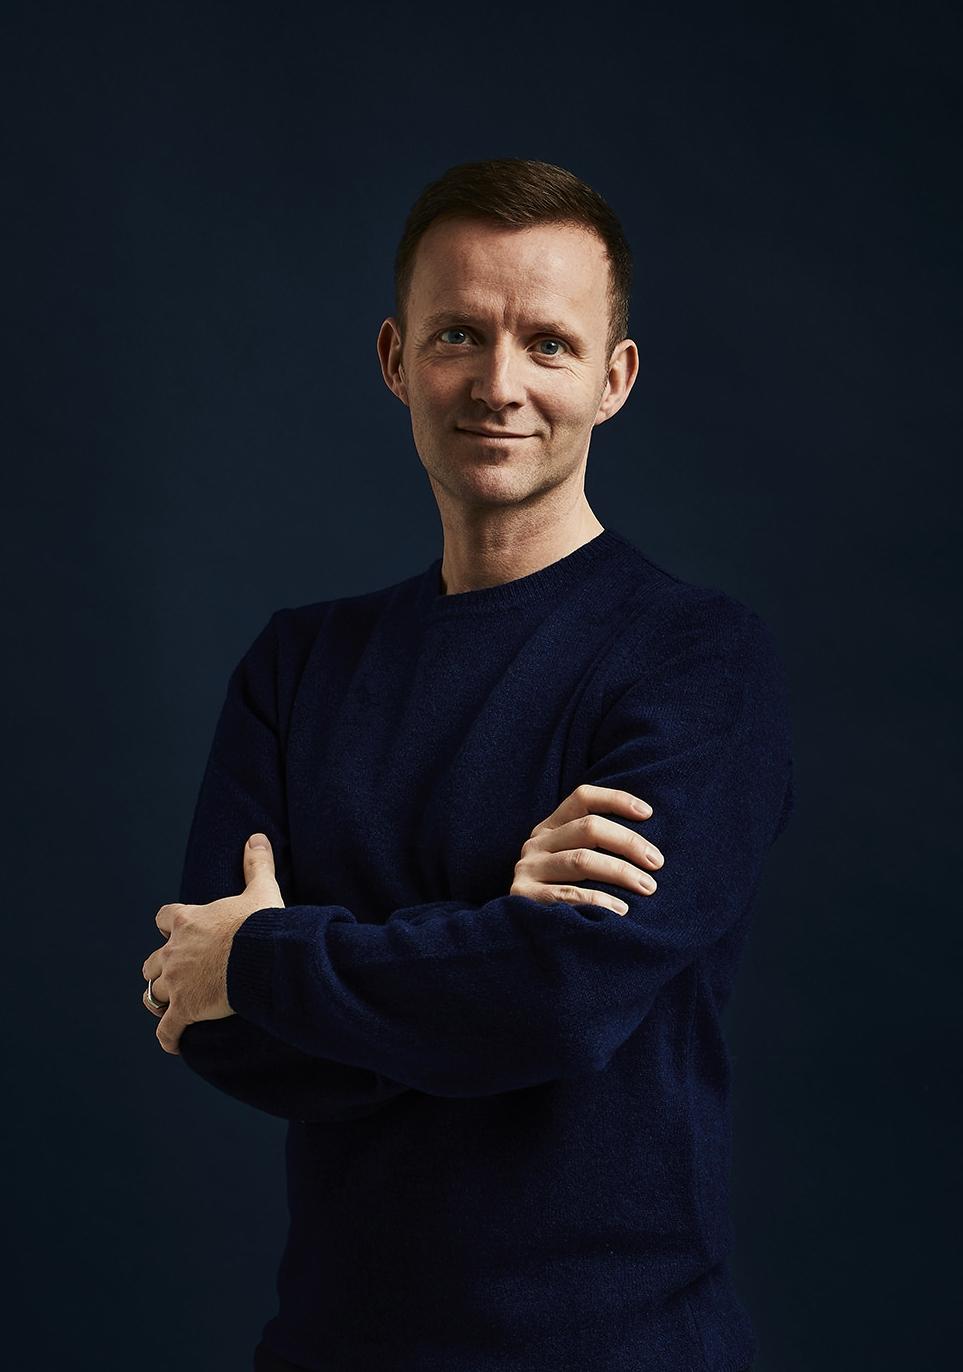 Lars Vejen